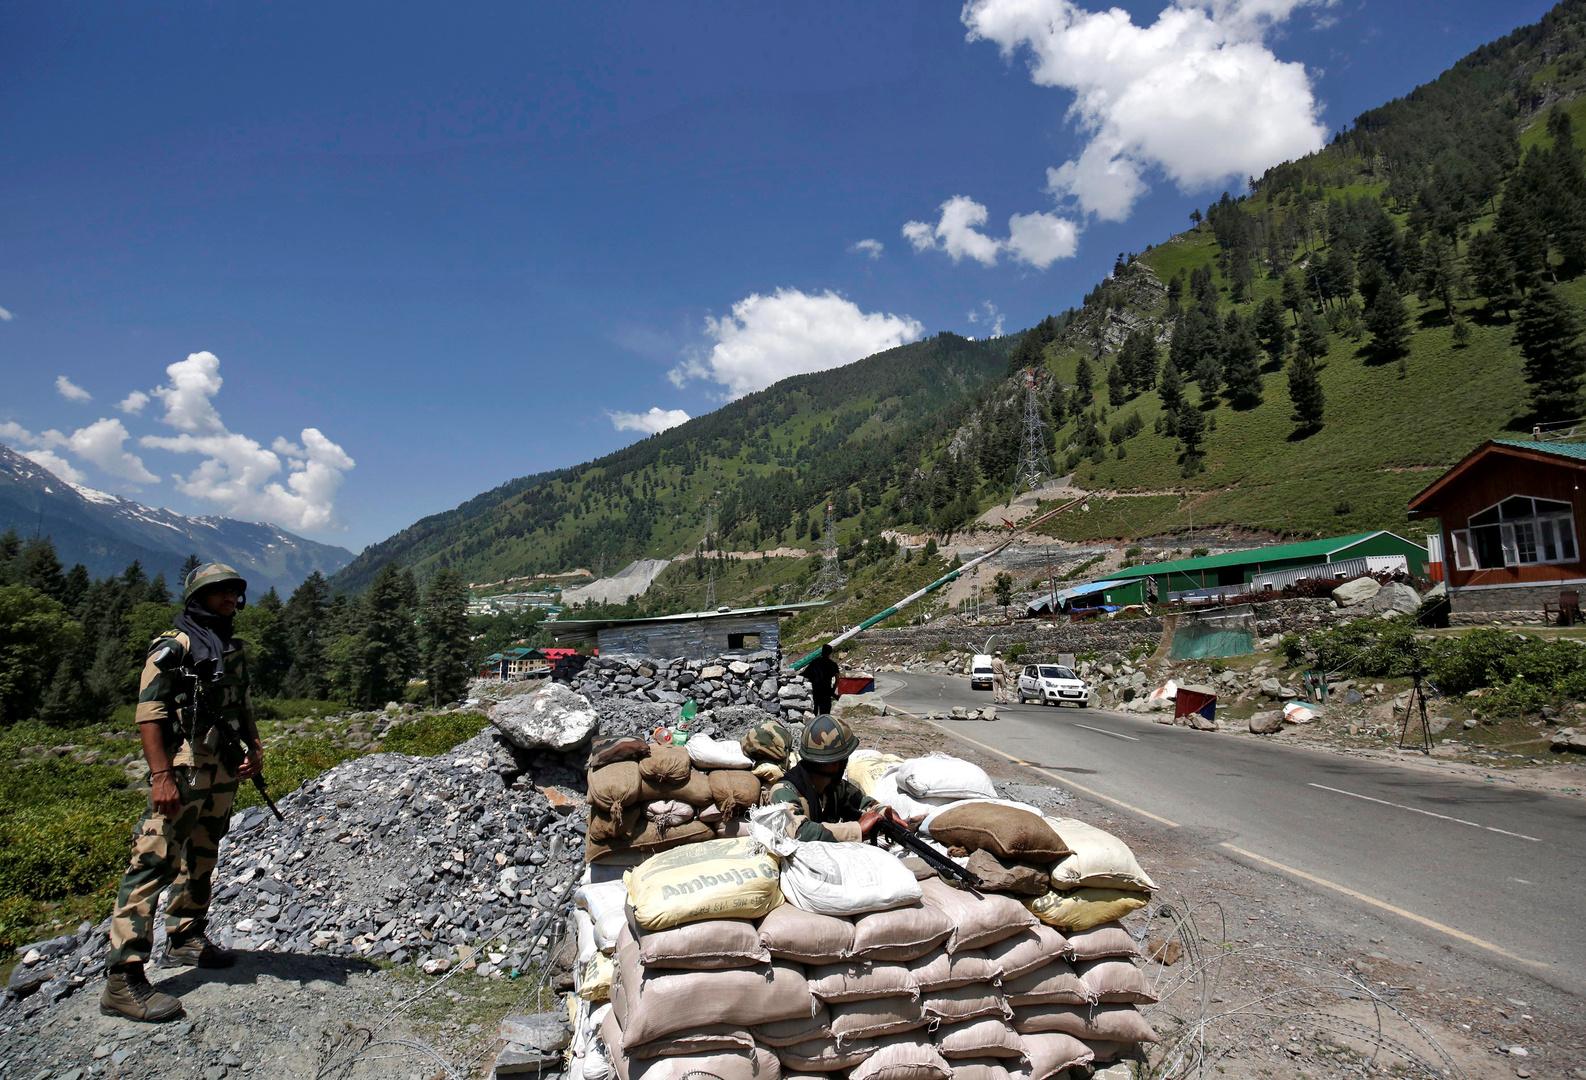 الصين: اتفقنا مع الهند على تسوية الخلاف الحدودي وعلى نيودلهي معاقبة المسؤولين